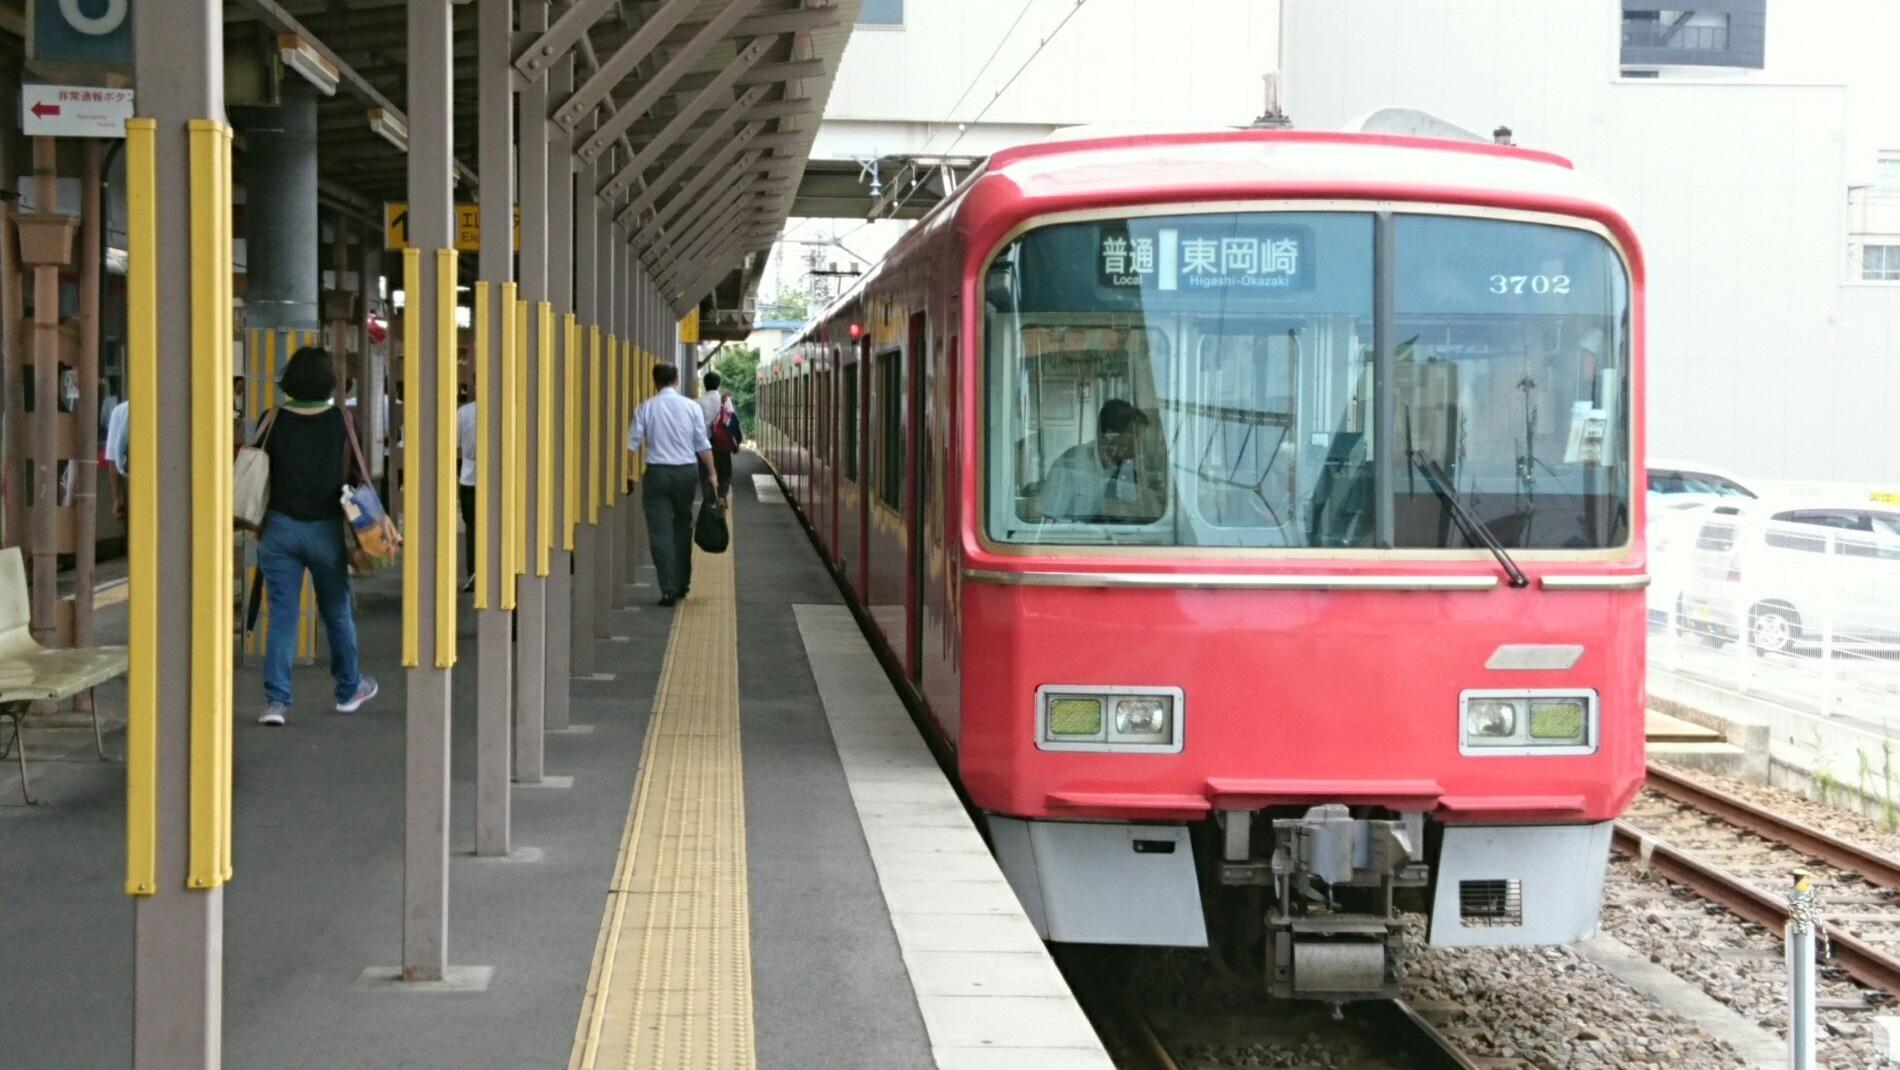 2017.7.13 名鉄 (32) しんあんじょう - 東岡崎いきふつう 1900-1070